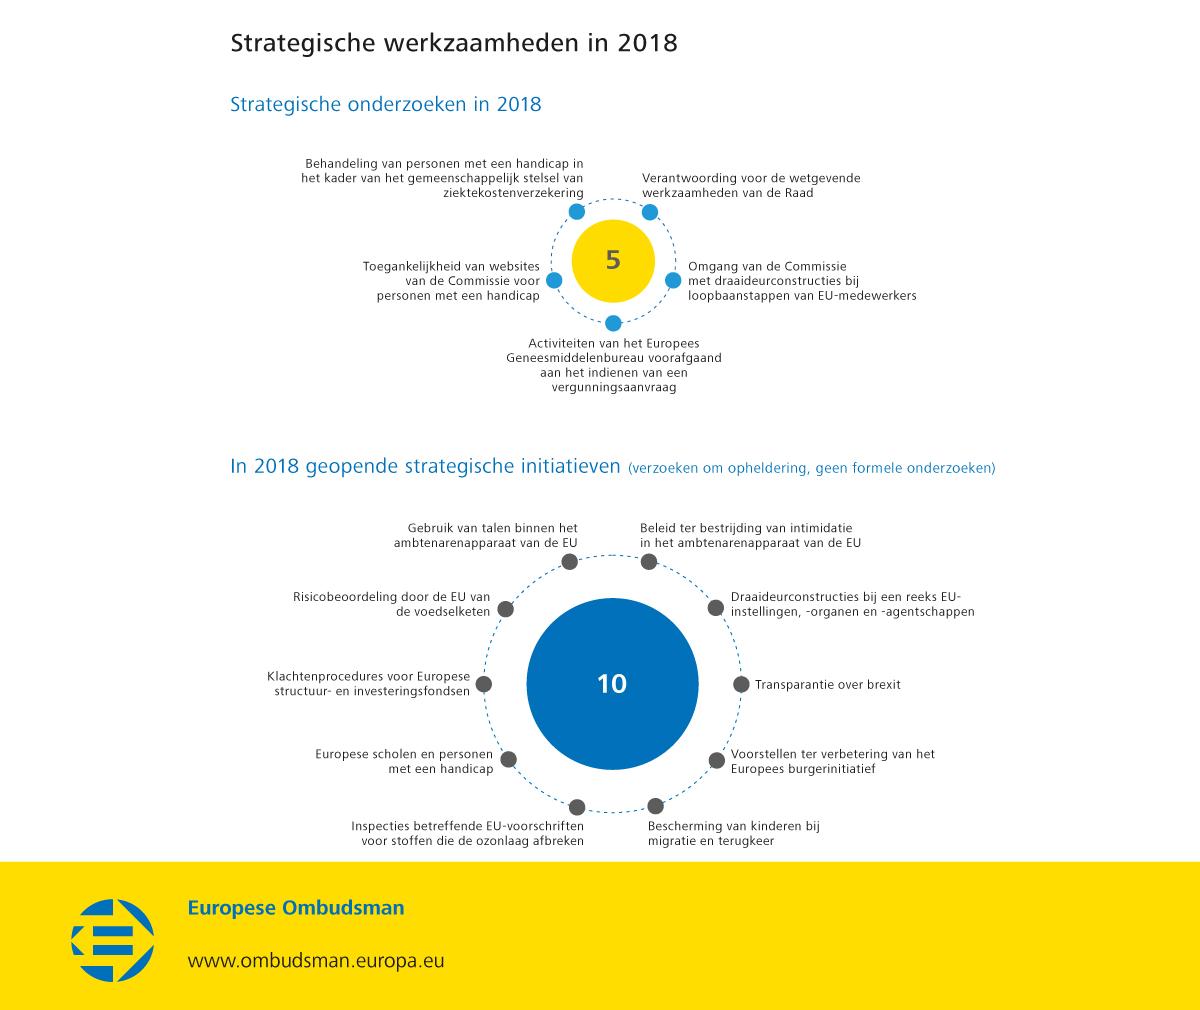 Strategic work in 2018